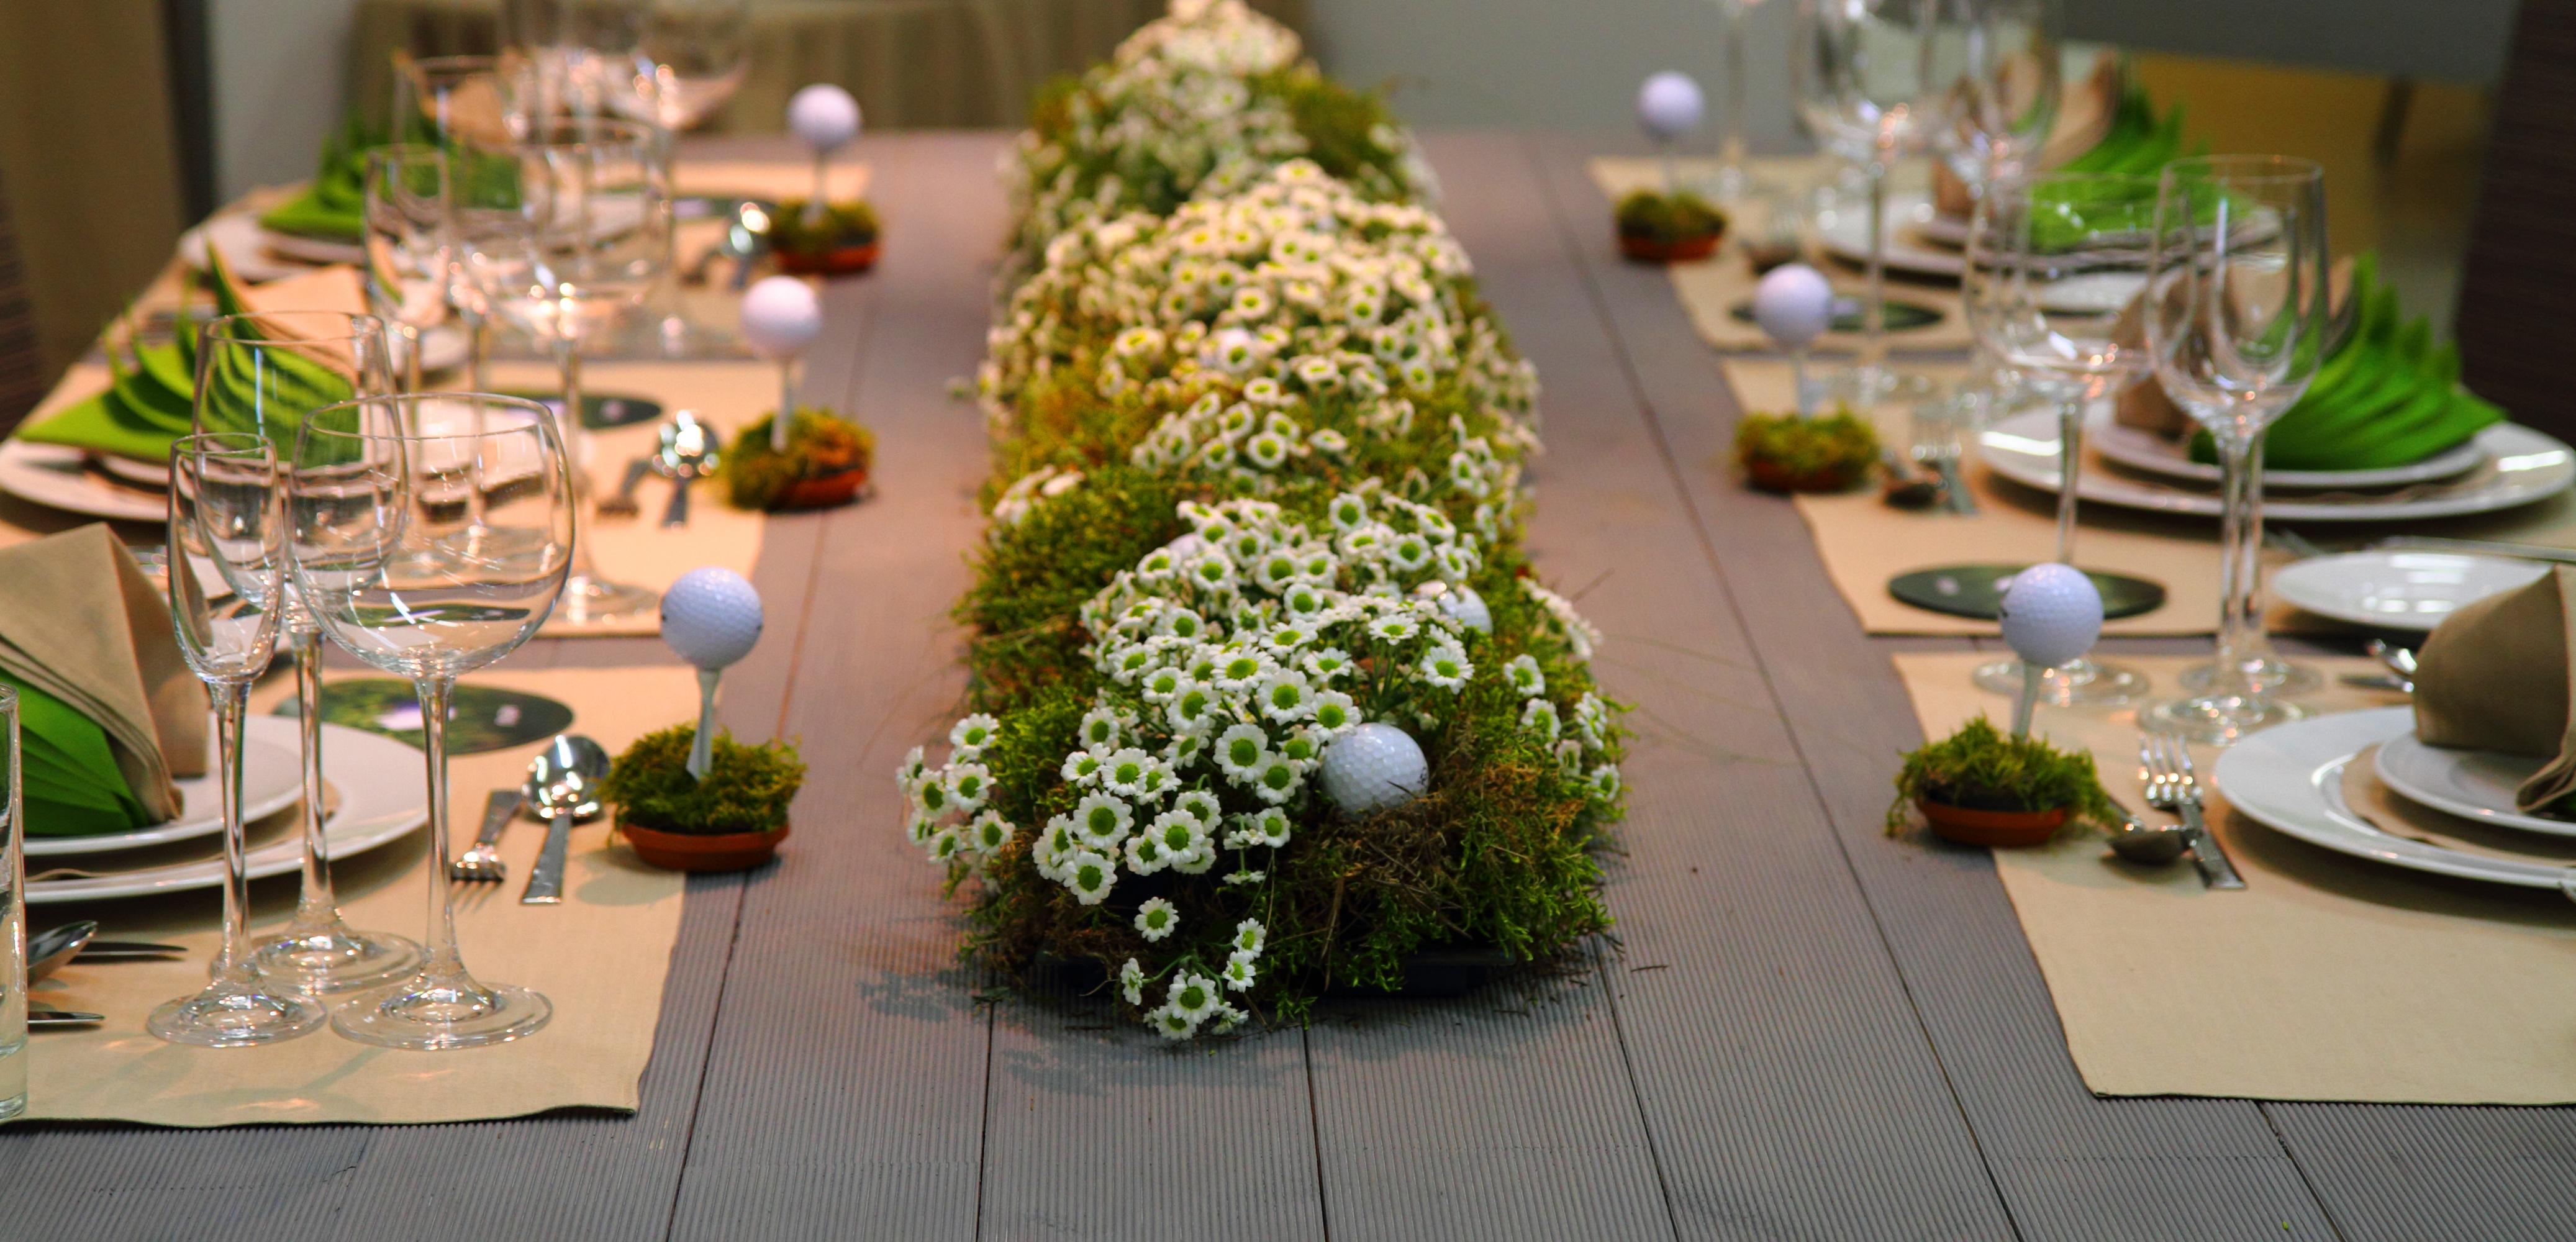 floral arrangement place setting